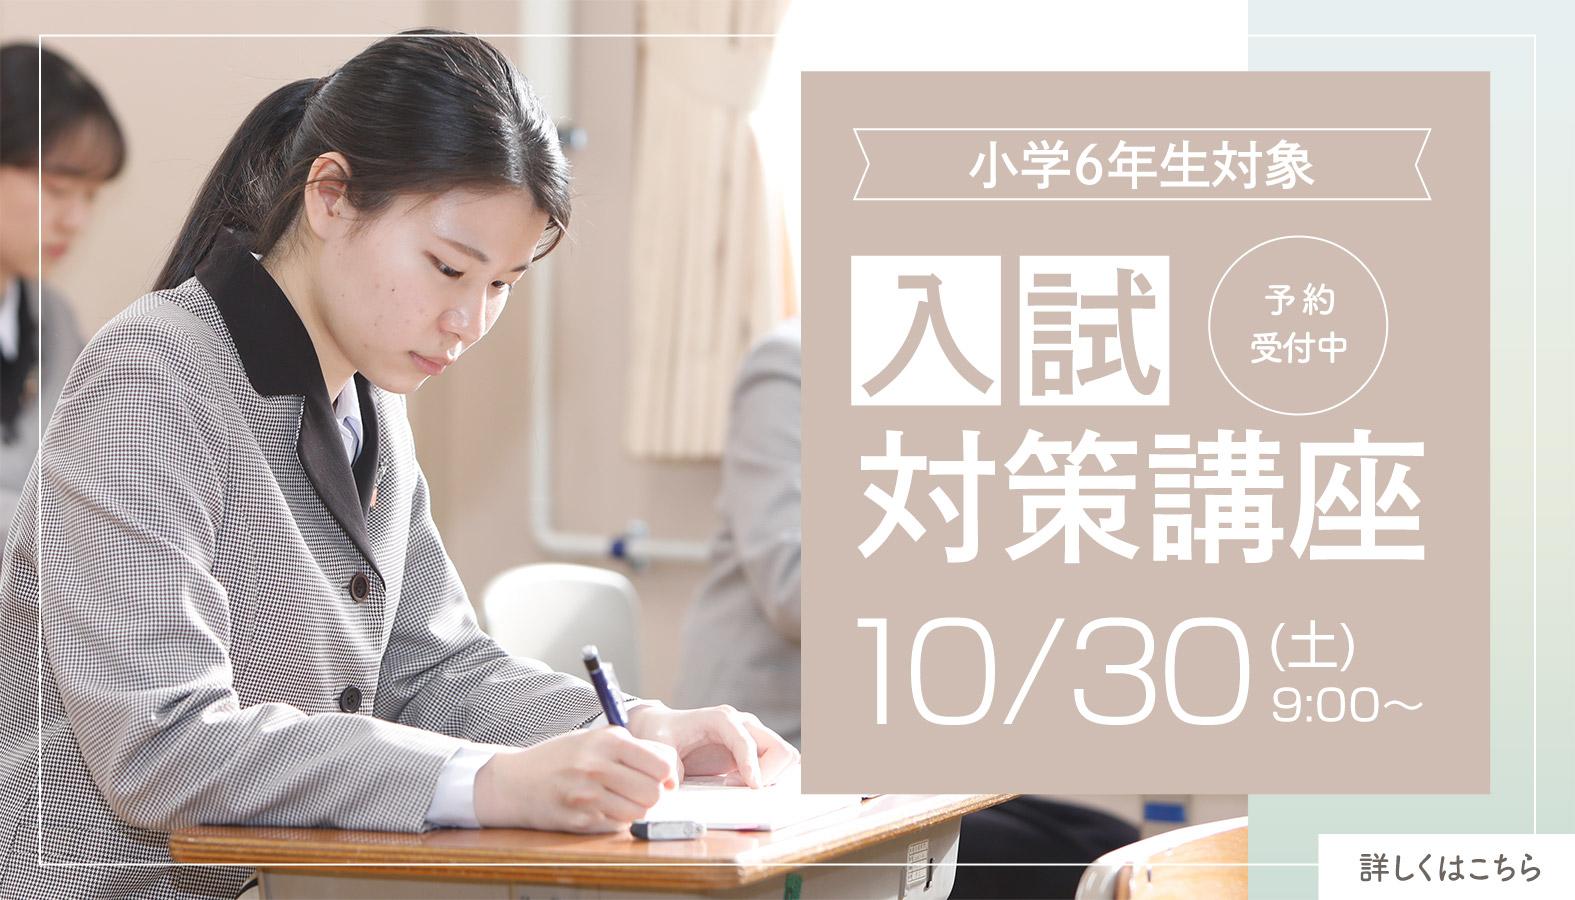 小学6年生対象 入試対策講座 10/30(土) 9:00~ 予約受付中